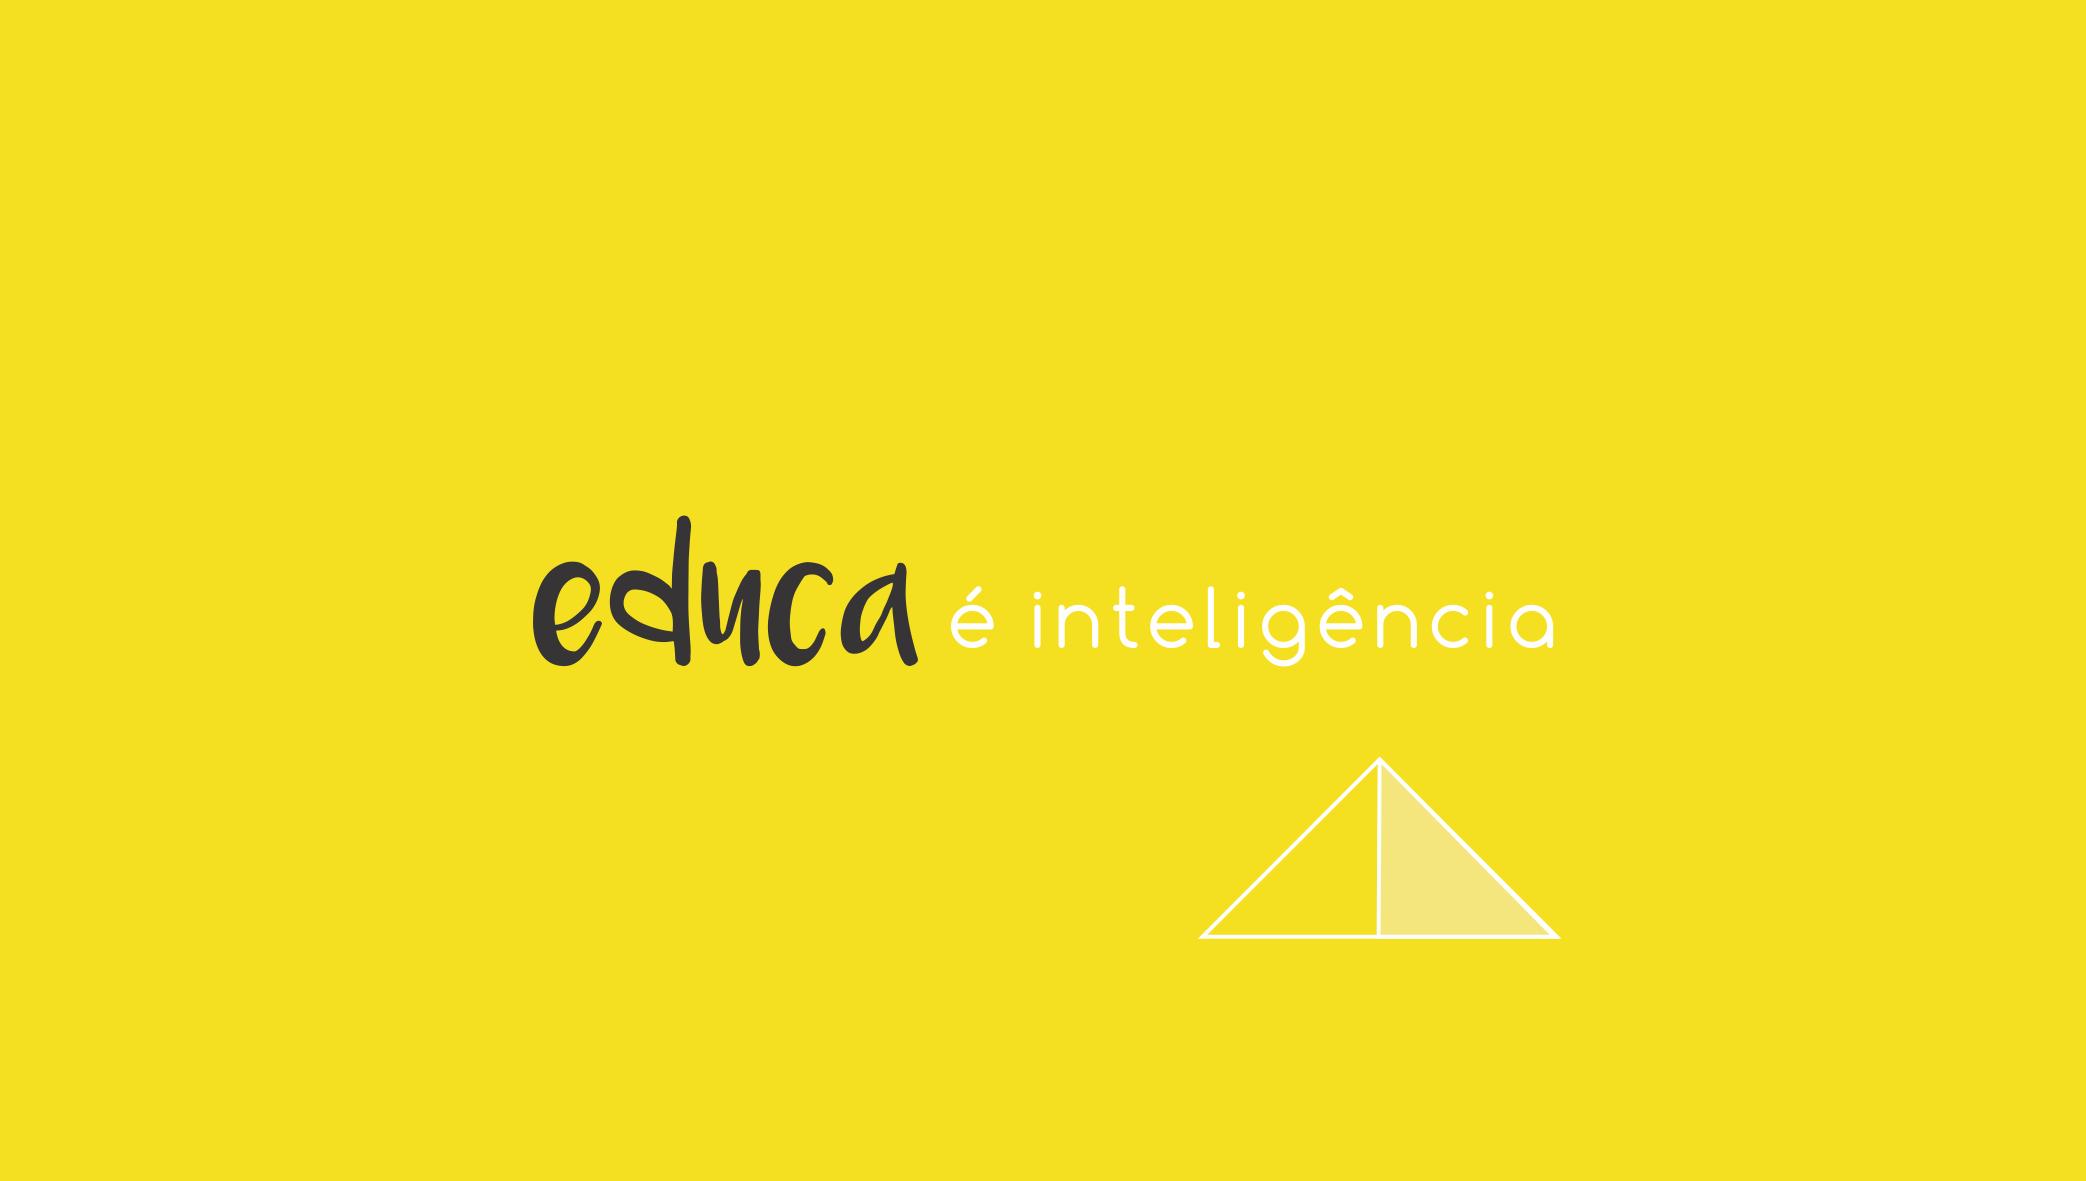 e_inteligencia